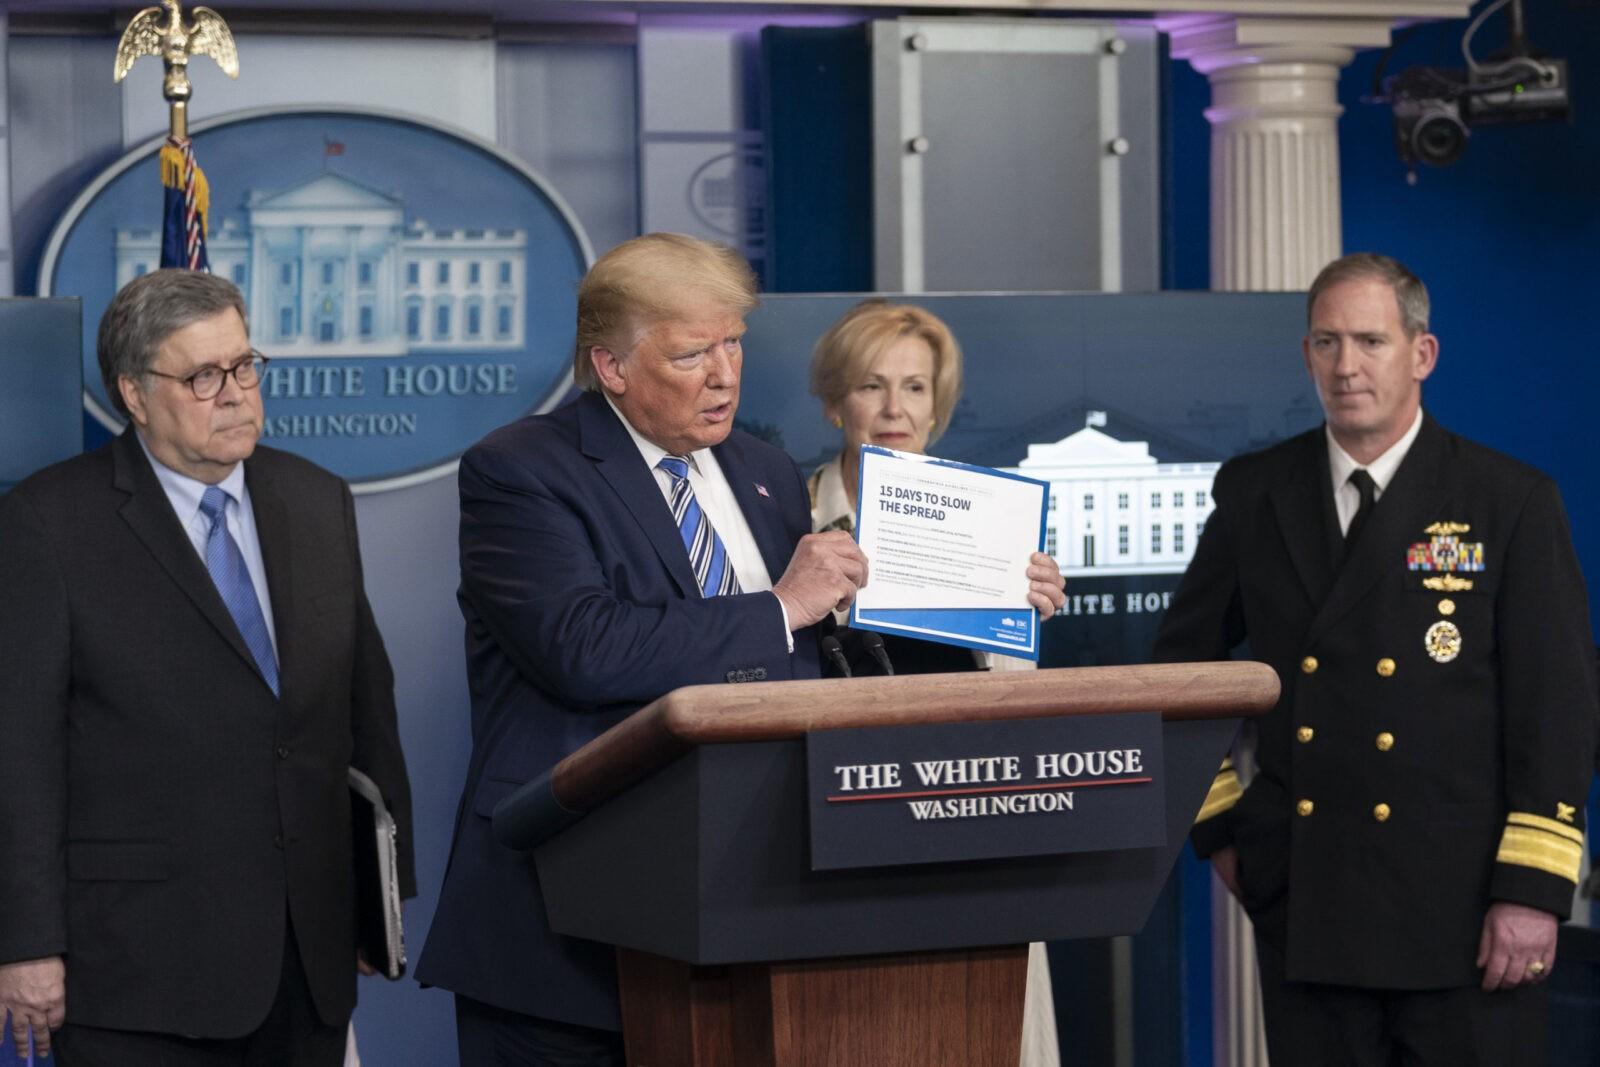 Белый дом выплатит американцам по $1 тыс. в течение трех недель